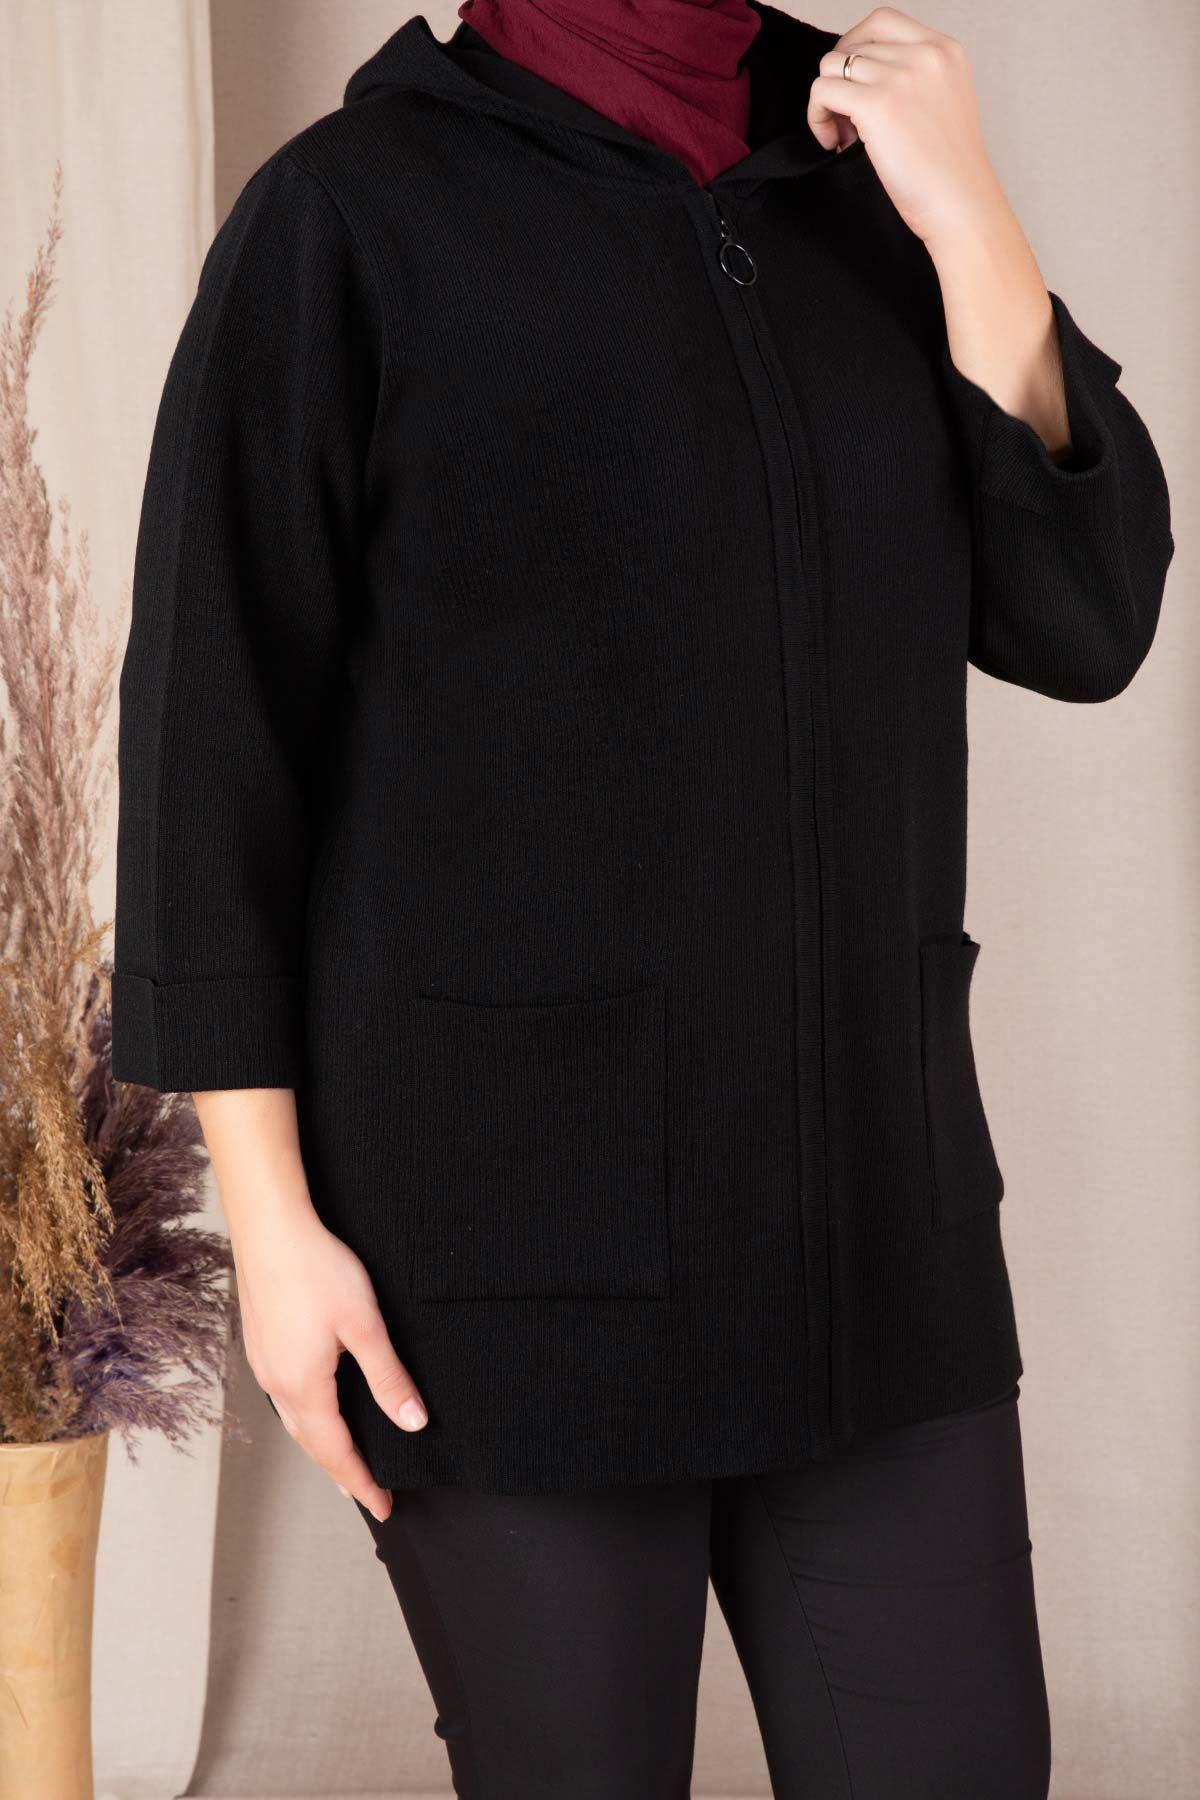 Büyük Beden Tesettür Triko Ceket Siyah 9923